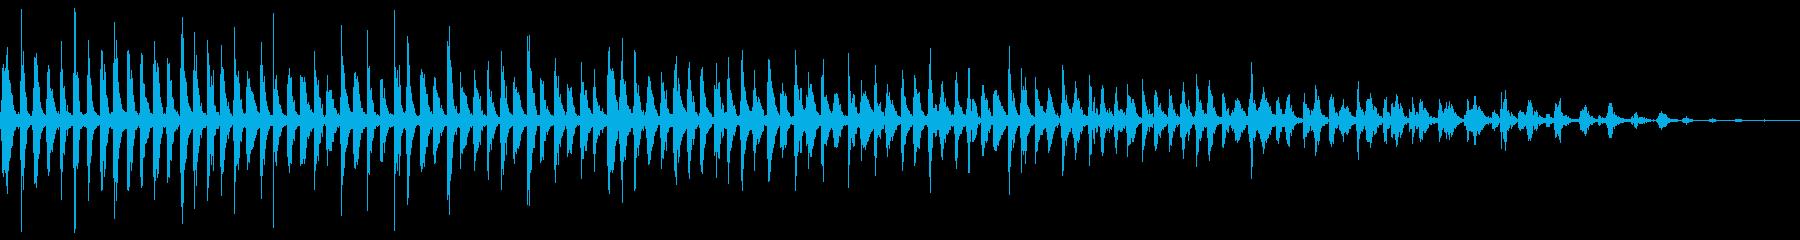 ビブラスラップの音の再生済みの波形